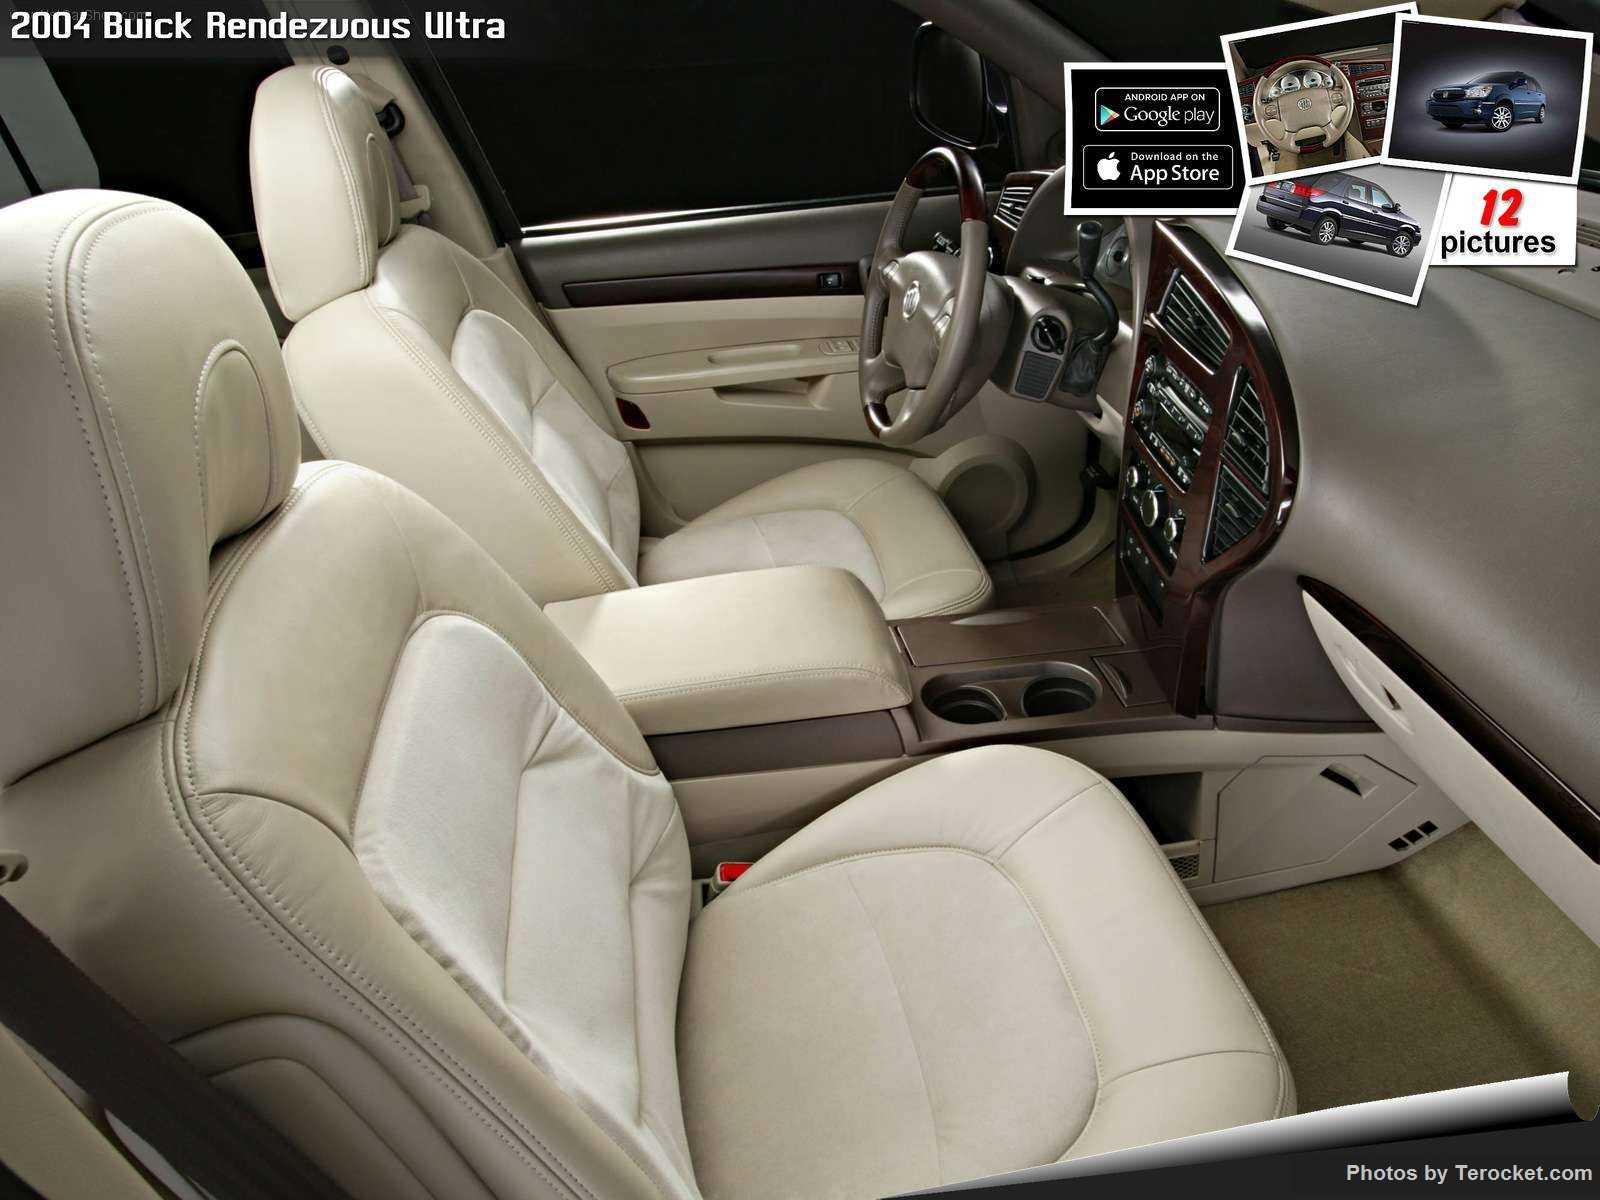 Hình ảnh xe ô tô Buick Rendezvous Ultra 2004 & nội ngoại thất